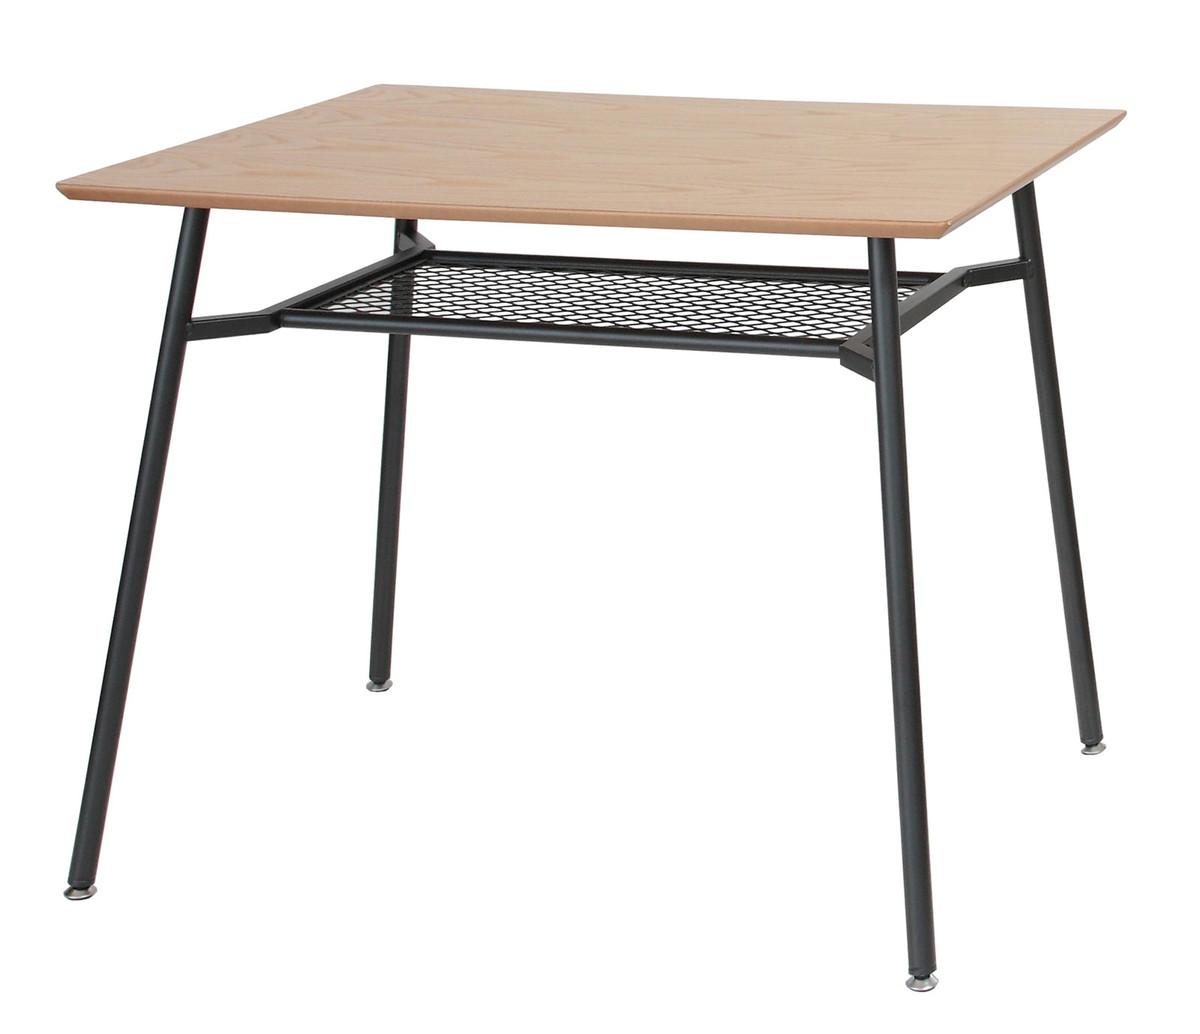 北欧 アンセム オーク材×スチール ダイニングテーブル 食卓